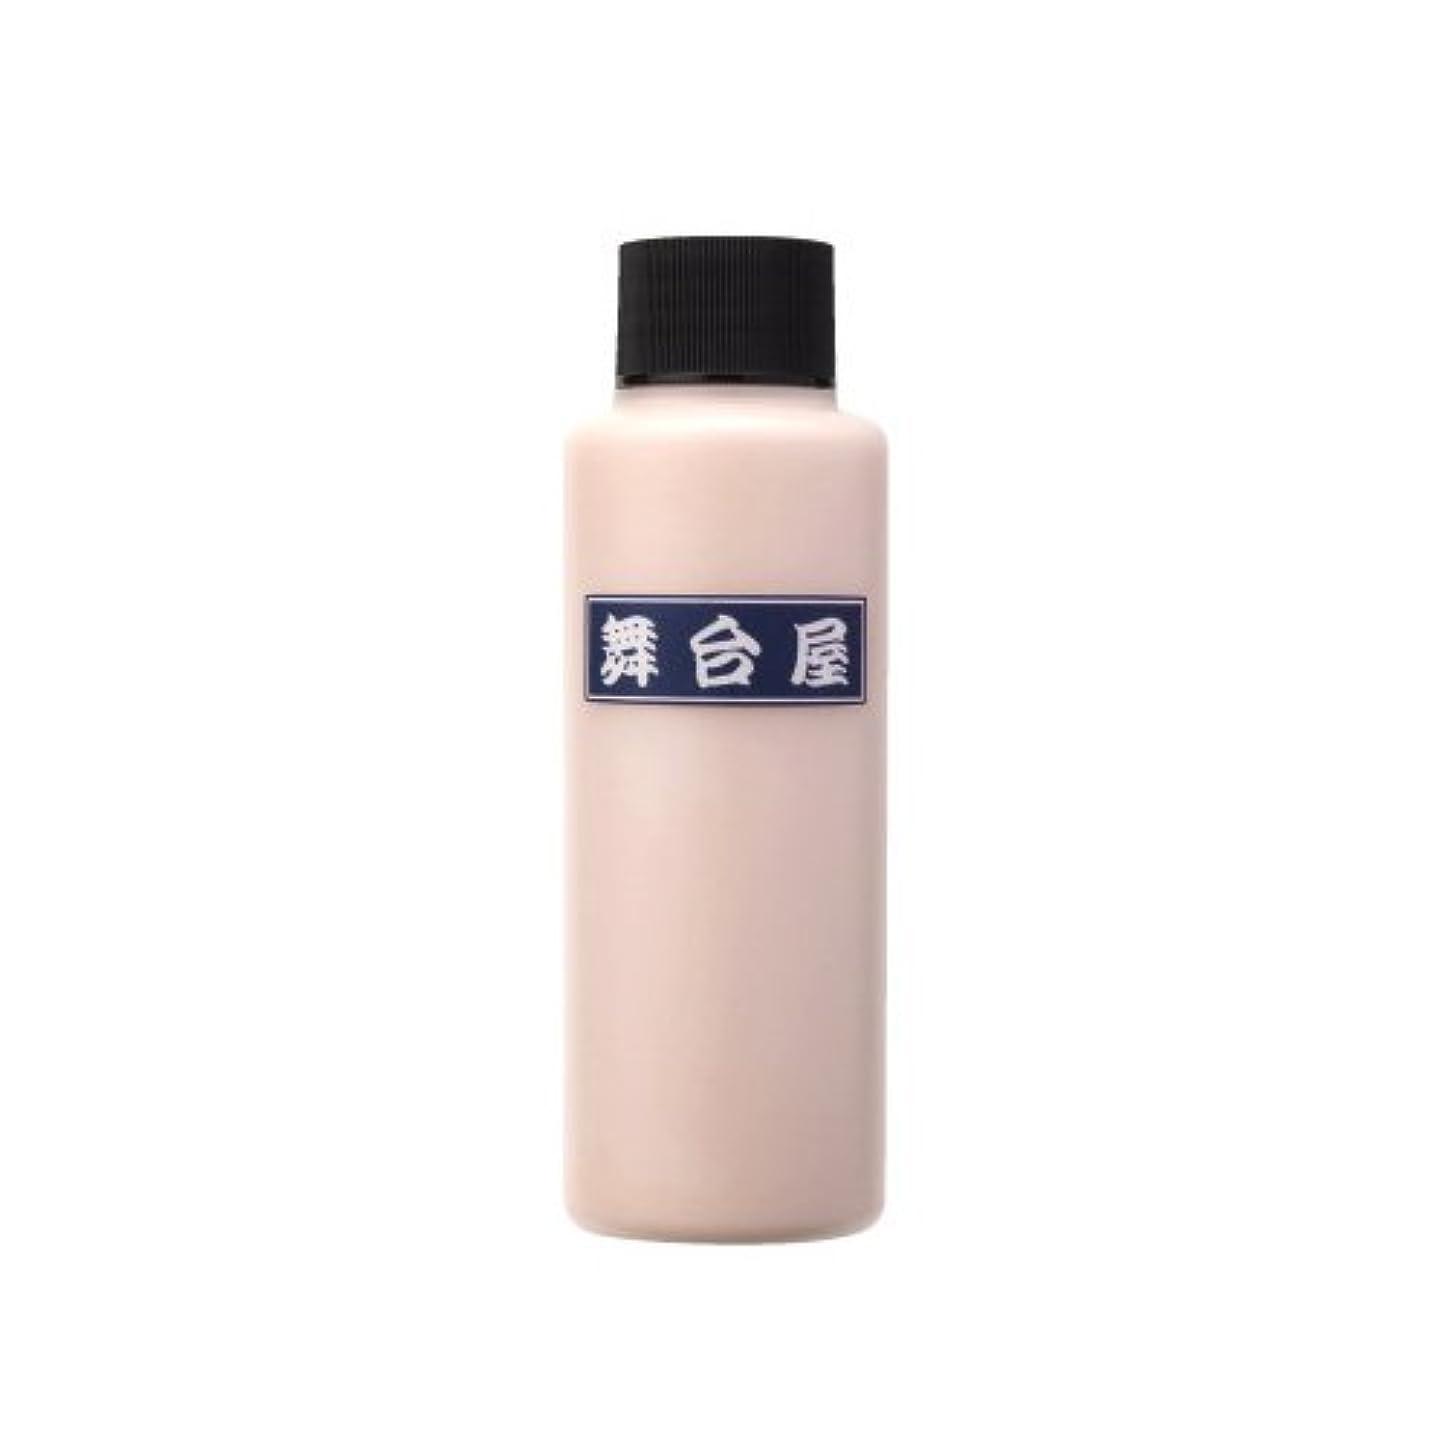 玉医薬美的舞台屋 水白粉 ピンク-3